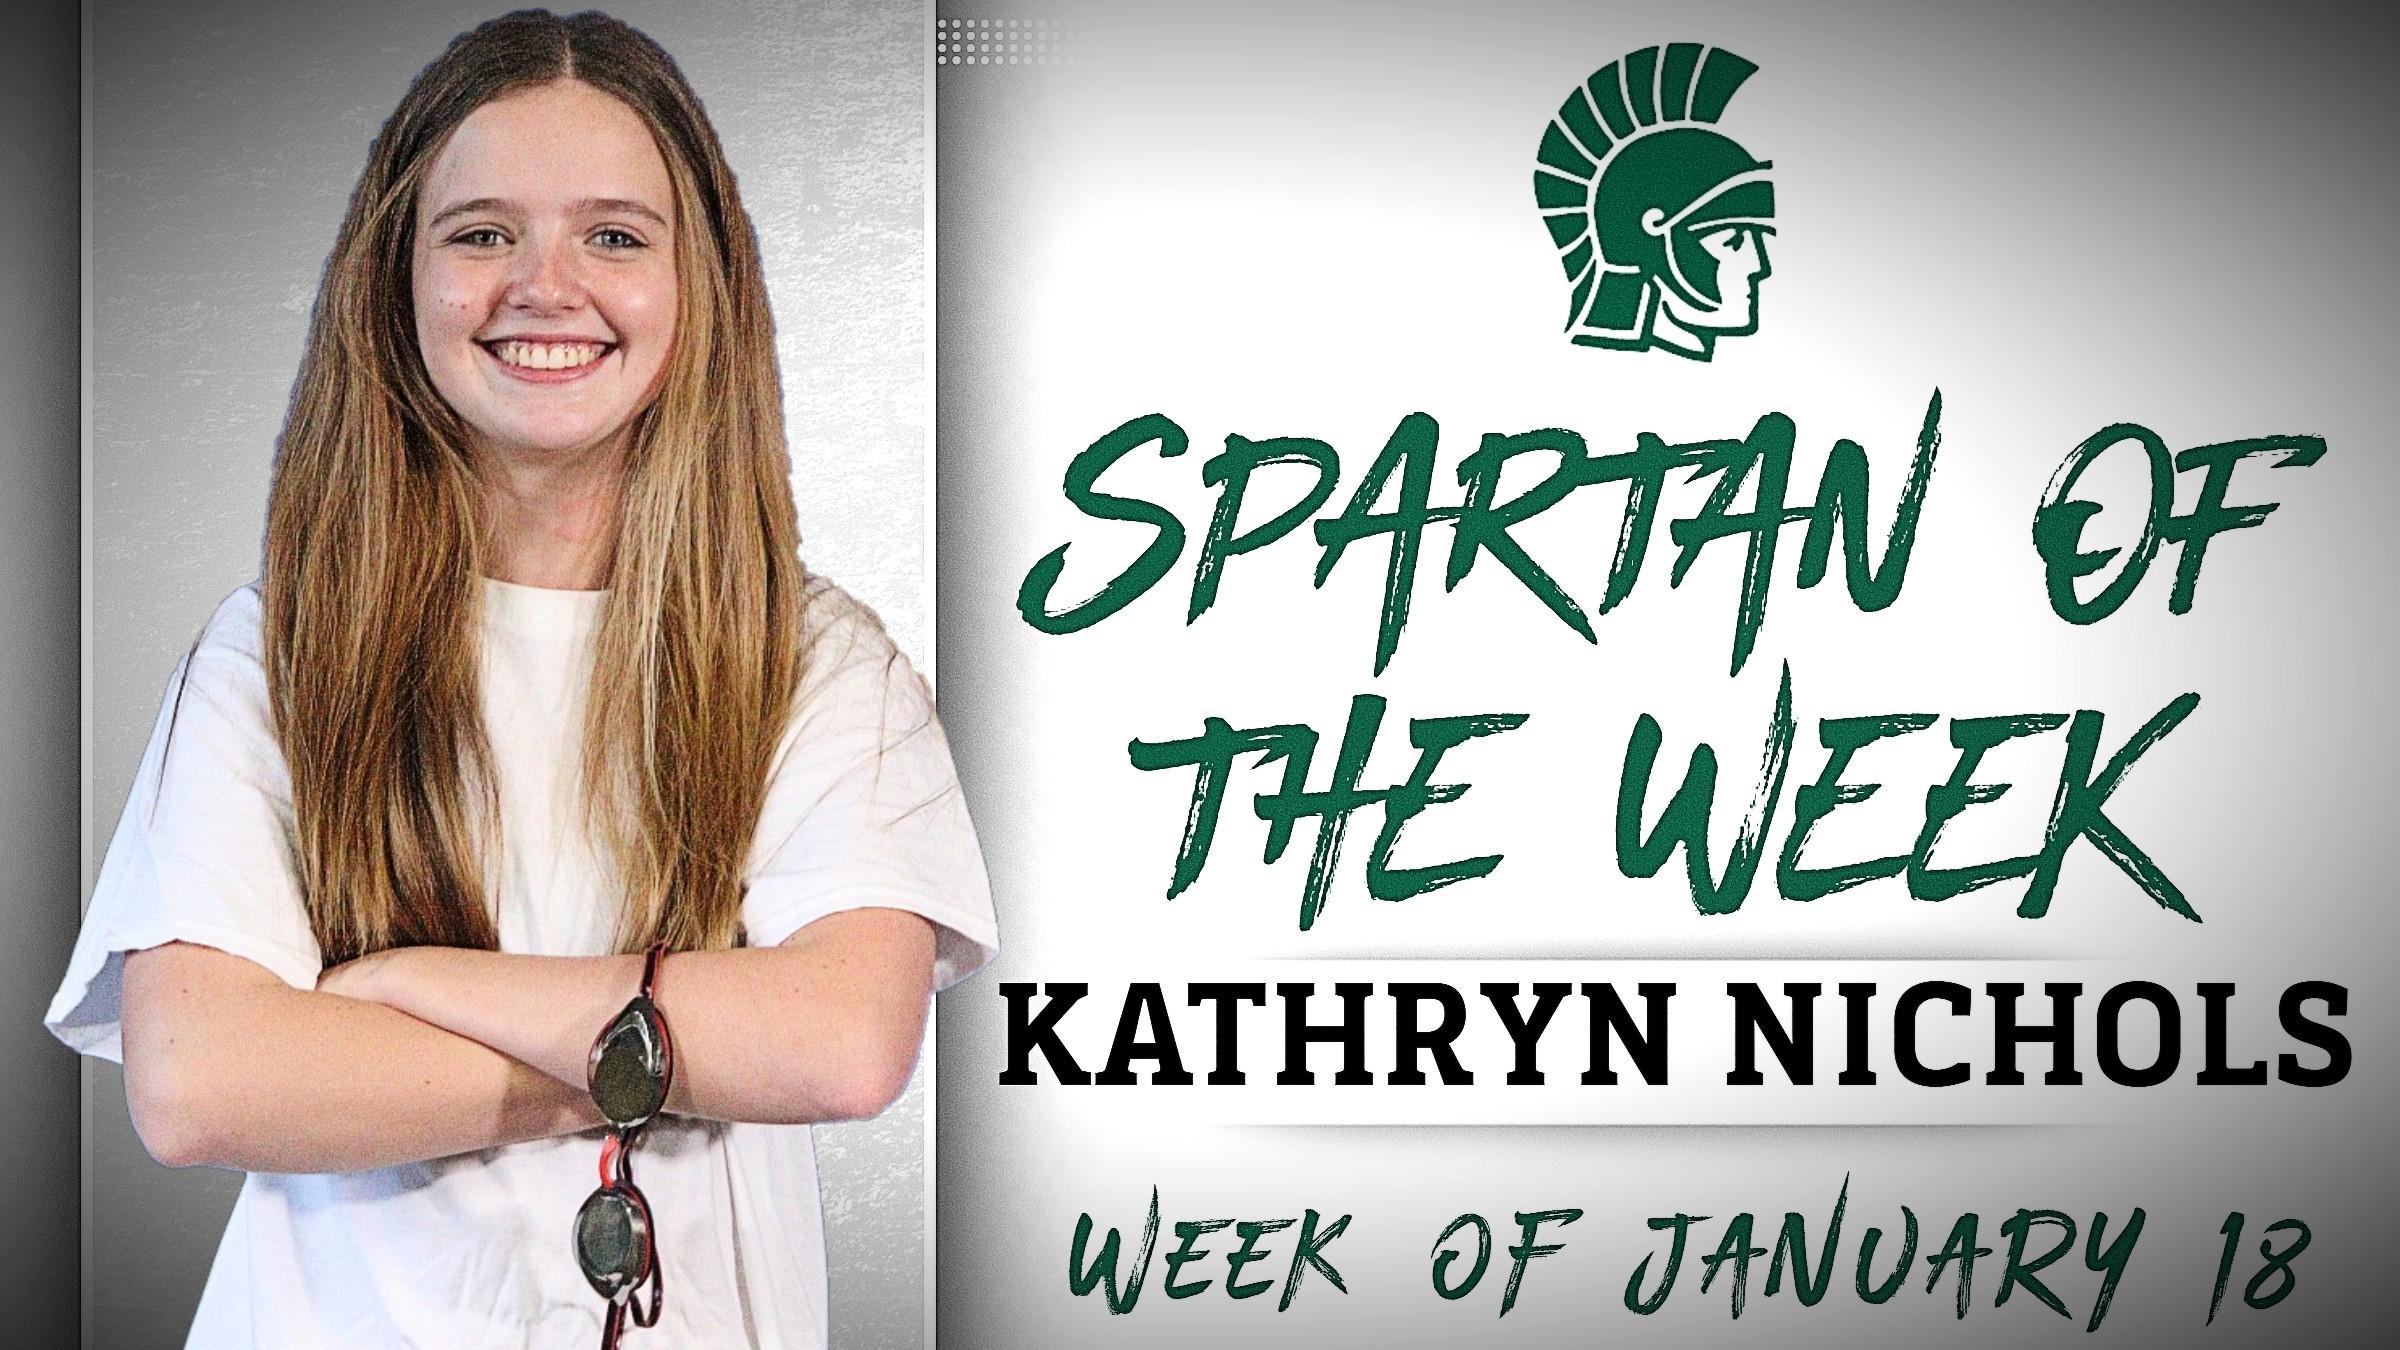 Spartan of the Week - Kathryn Nichols